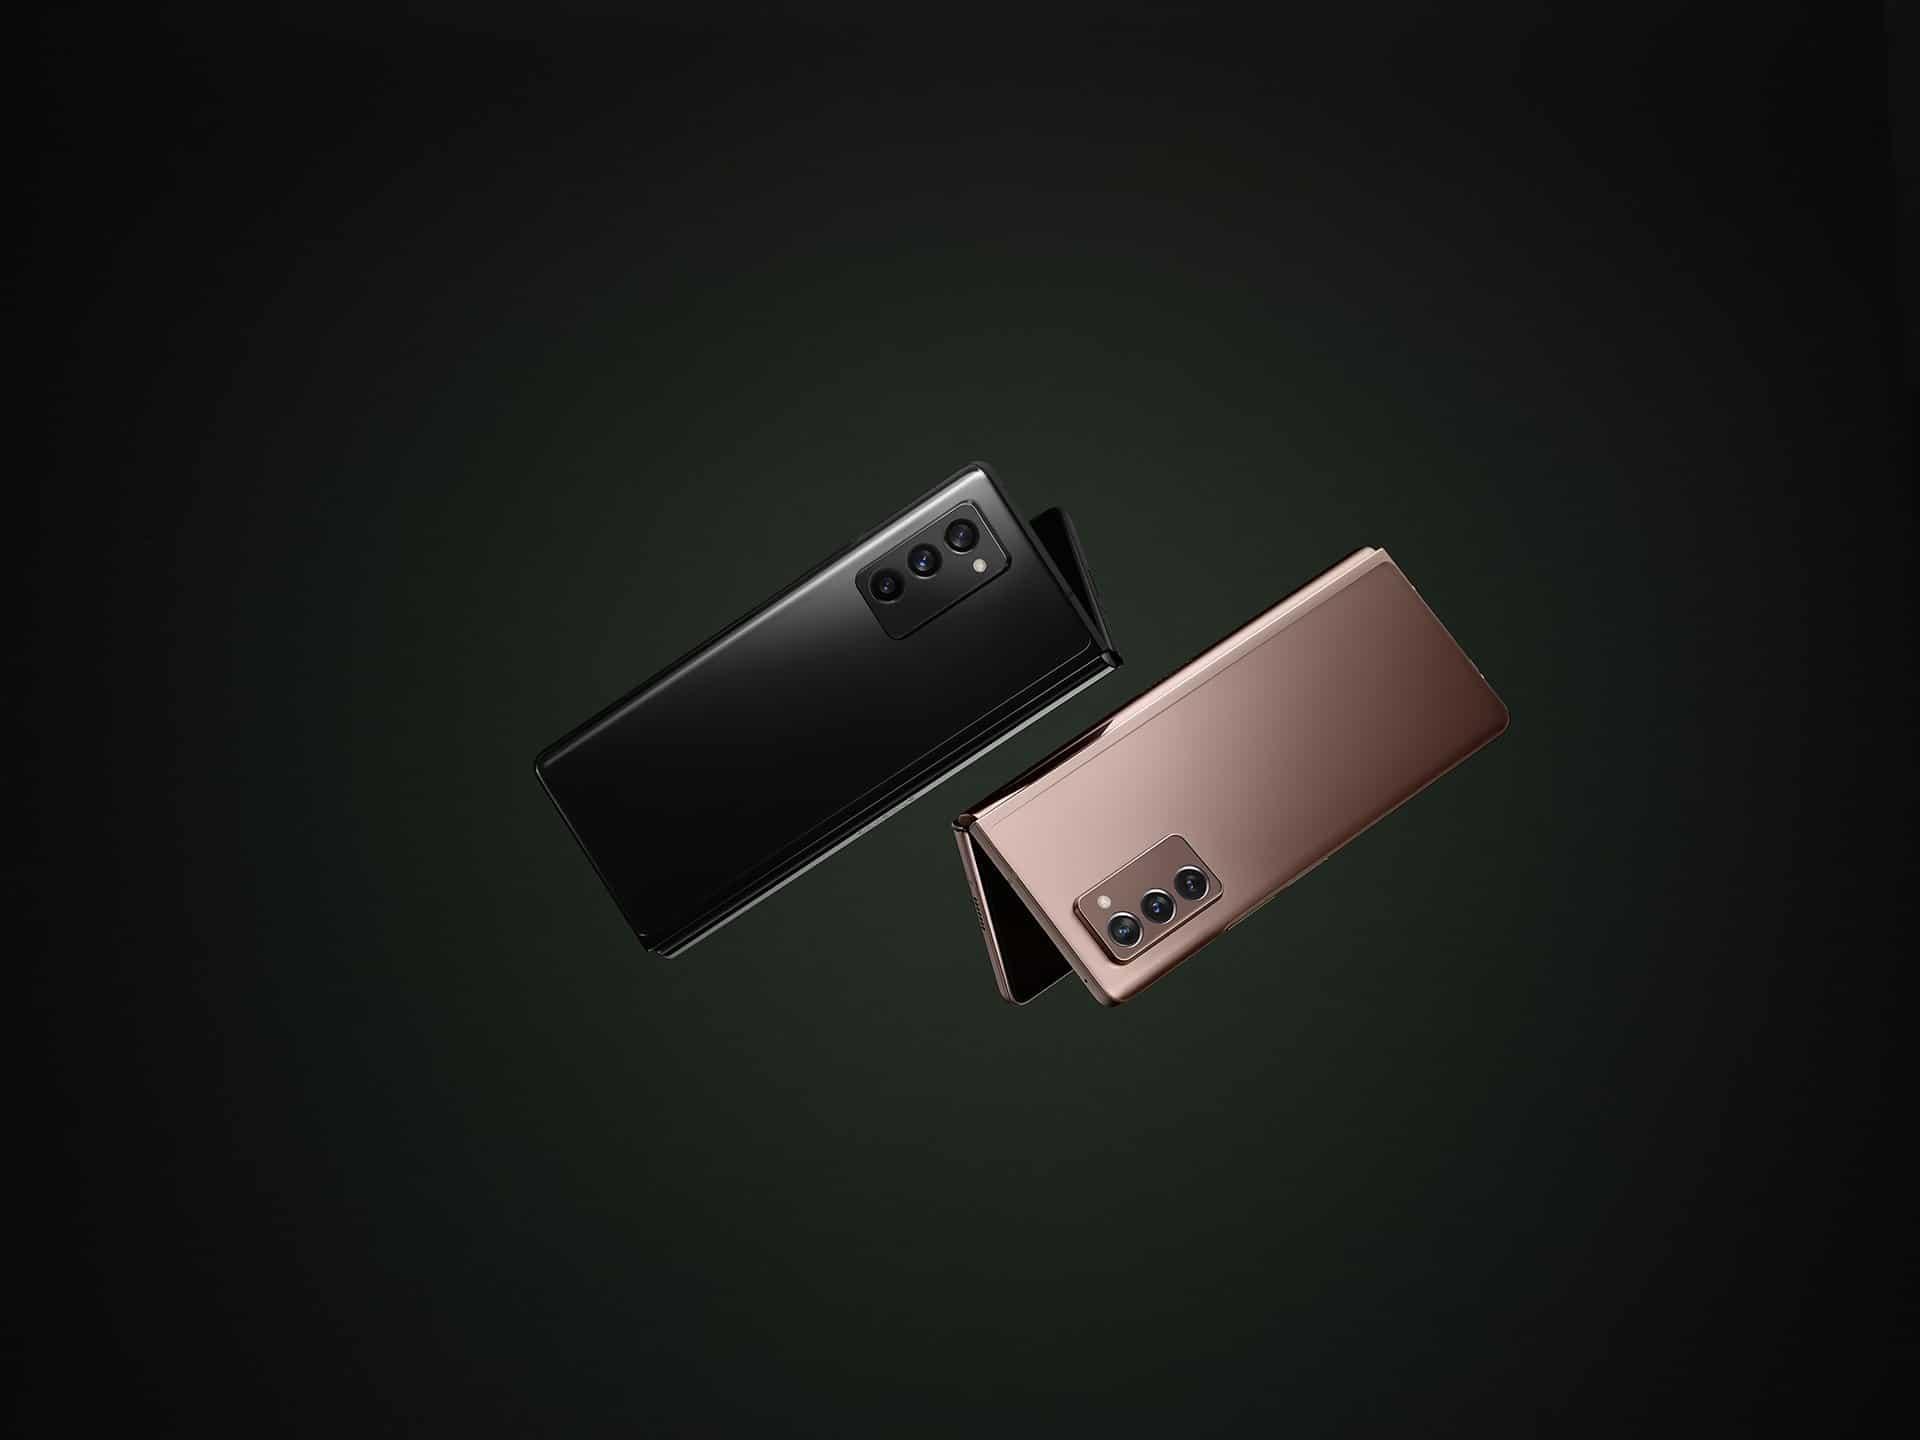 galaxy z fold 2, Samsung Galaxy Z Fold 2 : prix, date de sortie et fiche technique